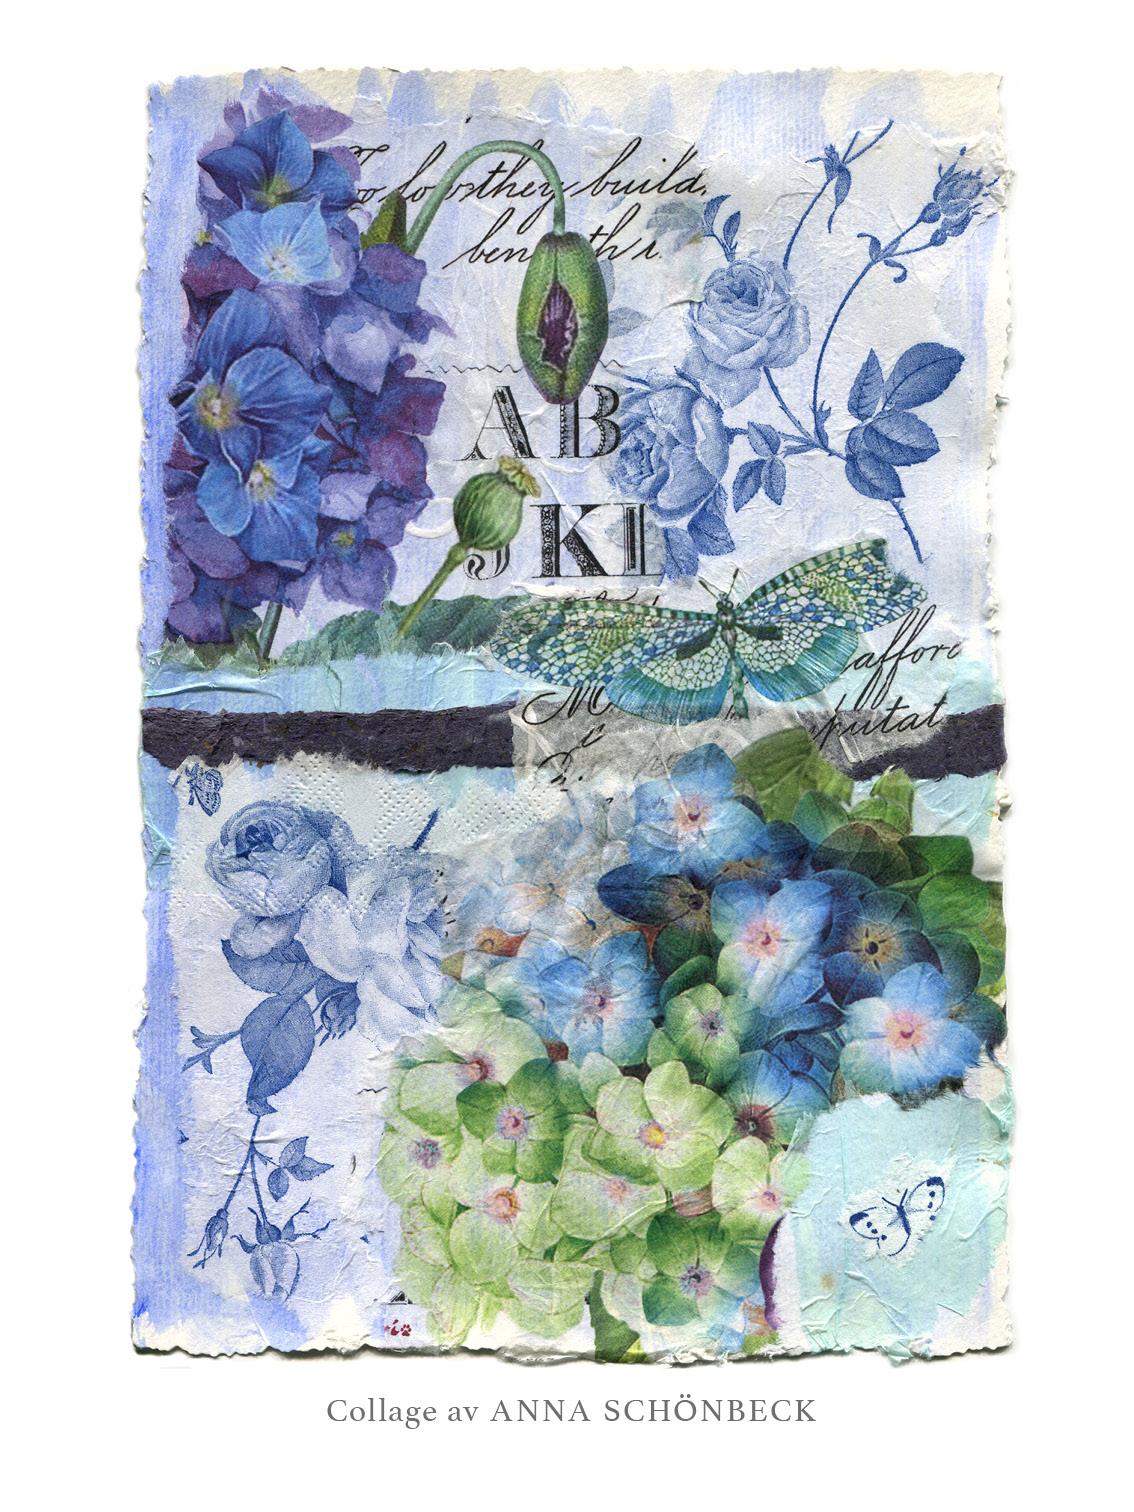 Collage 17, av Anna Schönbeck